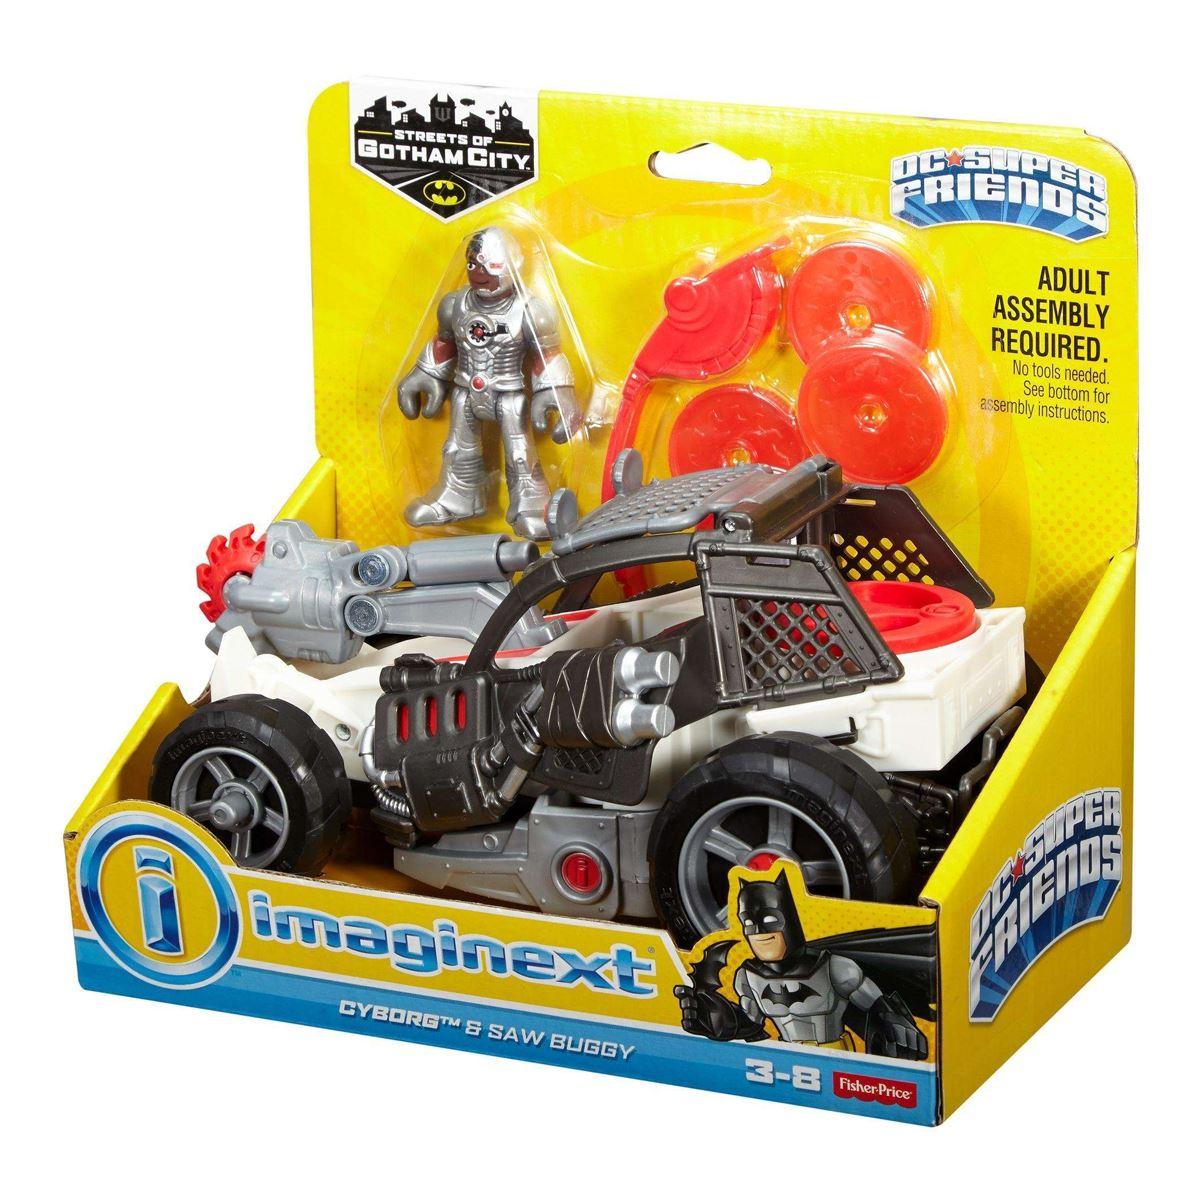 Nouveau Imaginext DC Super Friends Cyborg /& Saw Buggy//The riddler Hot Rod officiel